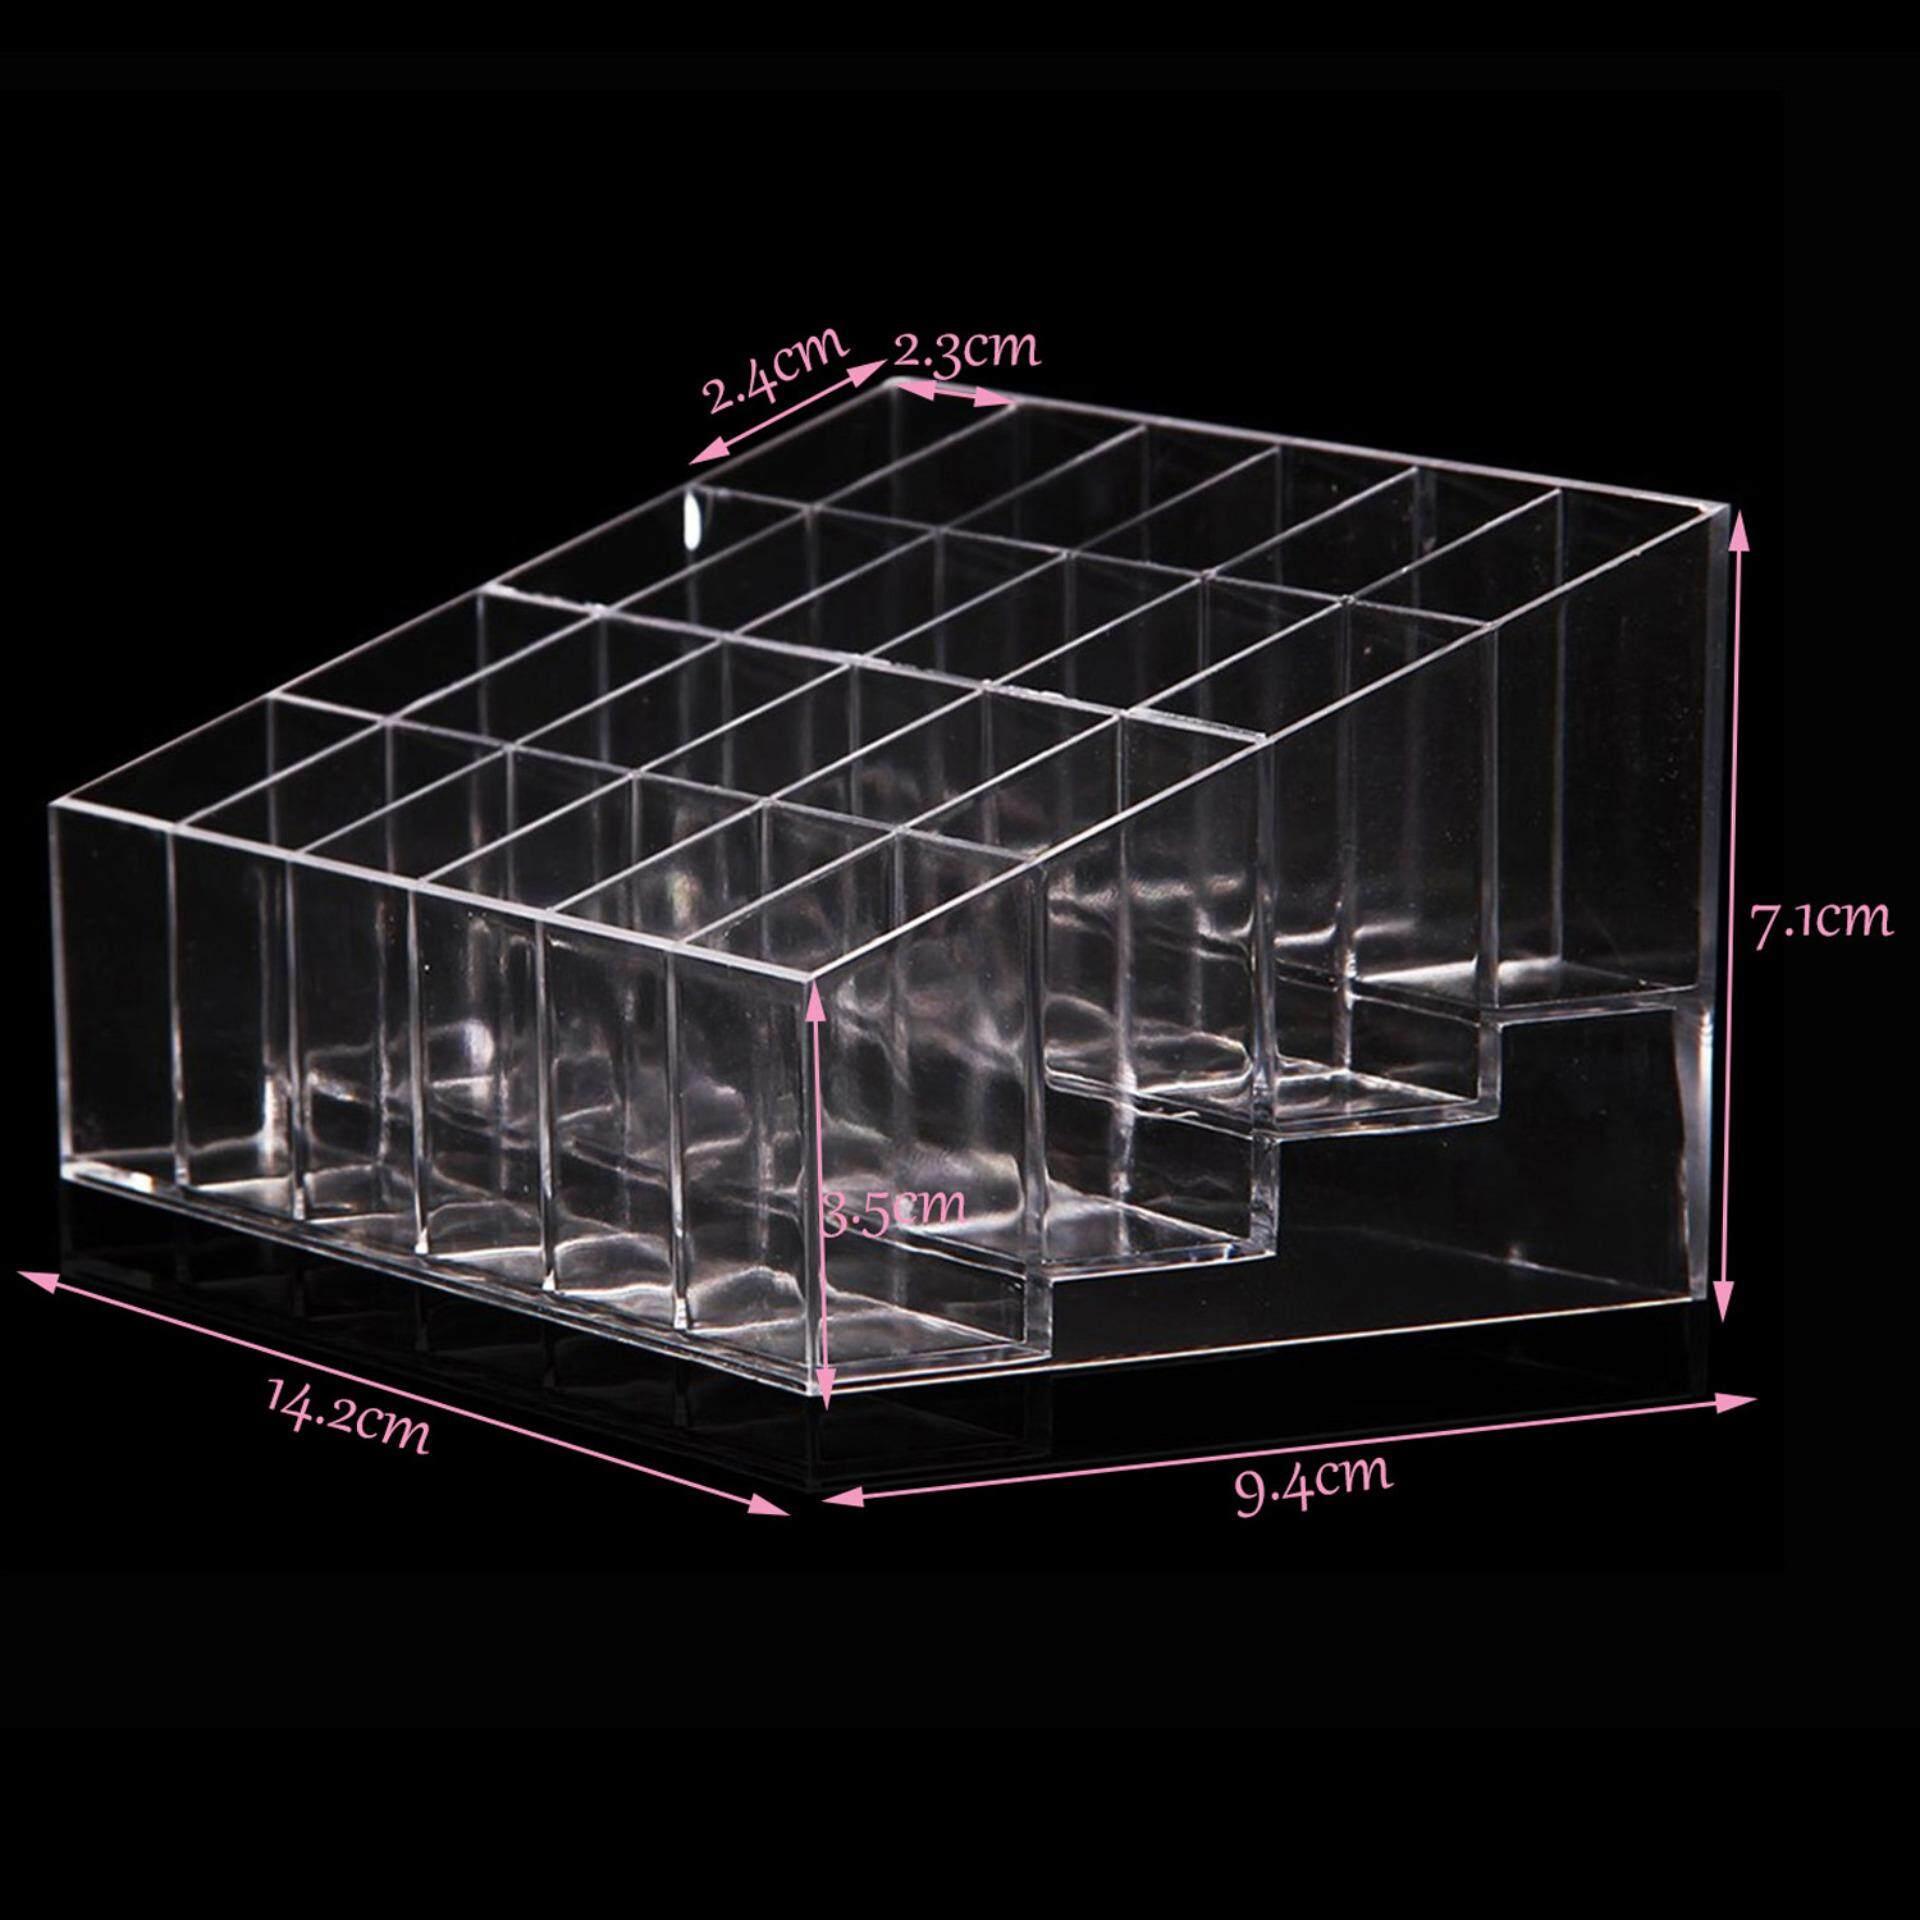 Cek Harga Baru 24 Lipstik Pemegang Kosmetik Rak Pajangan Organizer Desktop Storage Rotate Kotak Kuas Make Up Kutek Kasus Modern Clear Akrilik Kontainer Internasional